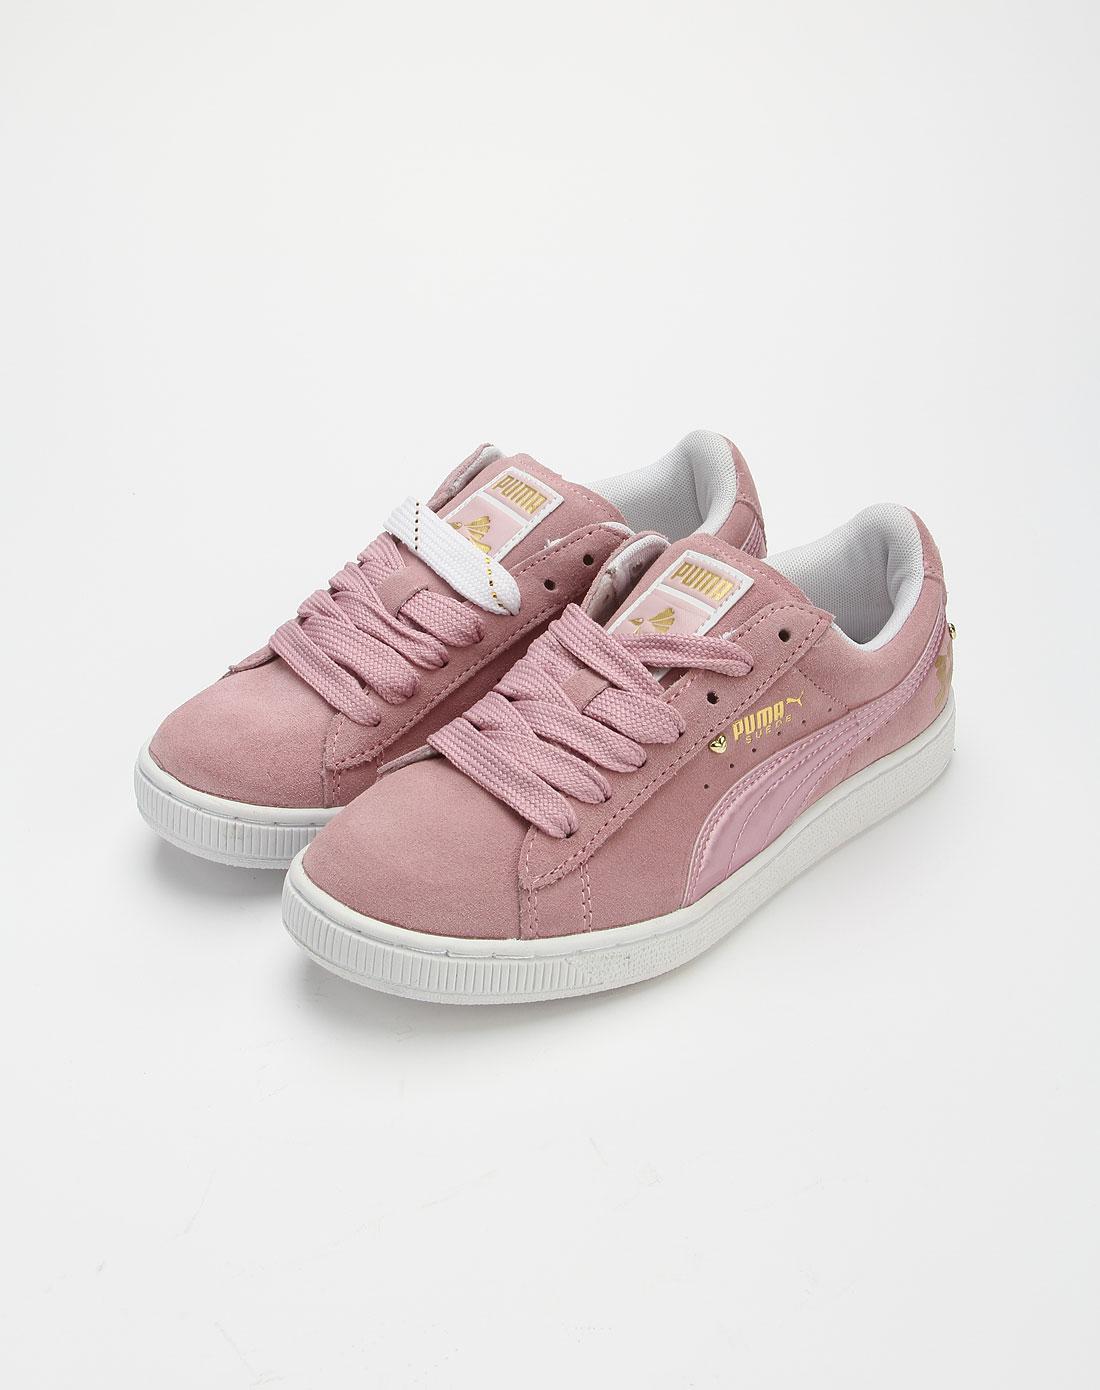 彪马puma淡粉金色时尚运动鞋35329001